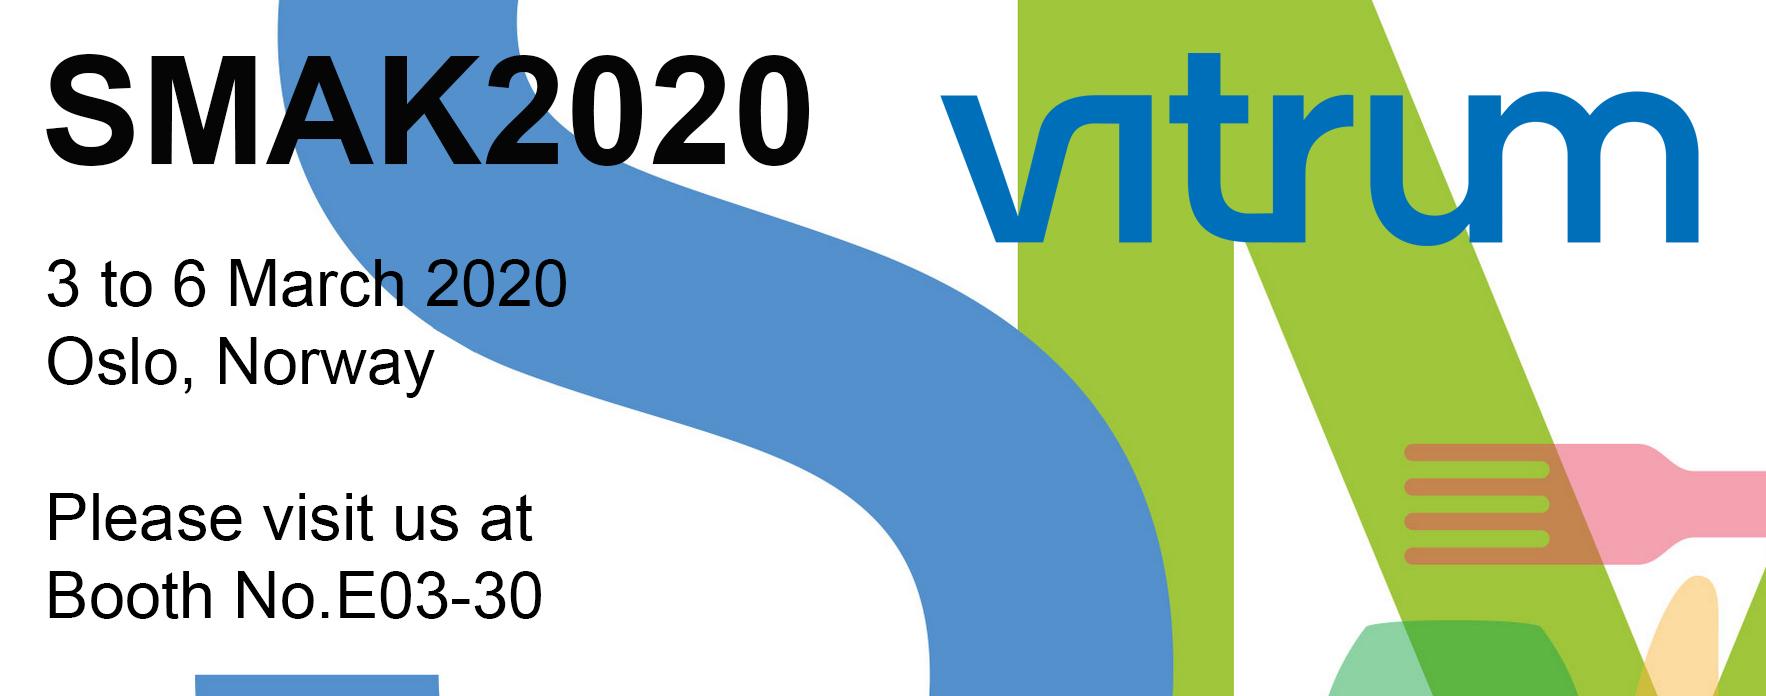 Smak%202020%20signatyre%20EN%202v.jpg